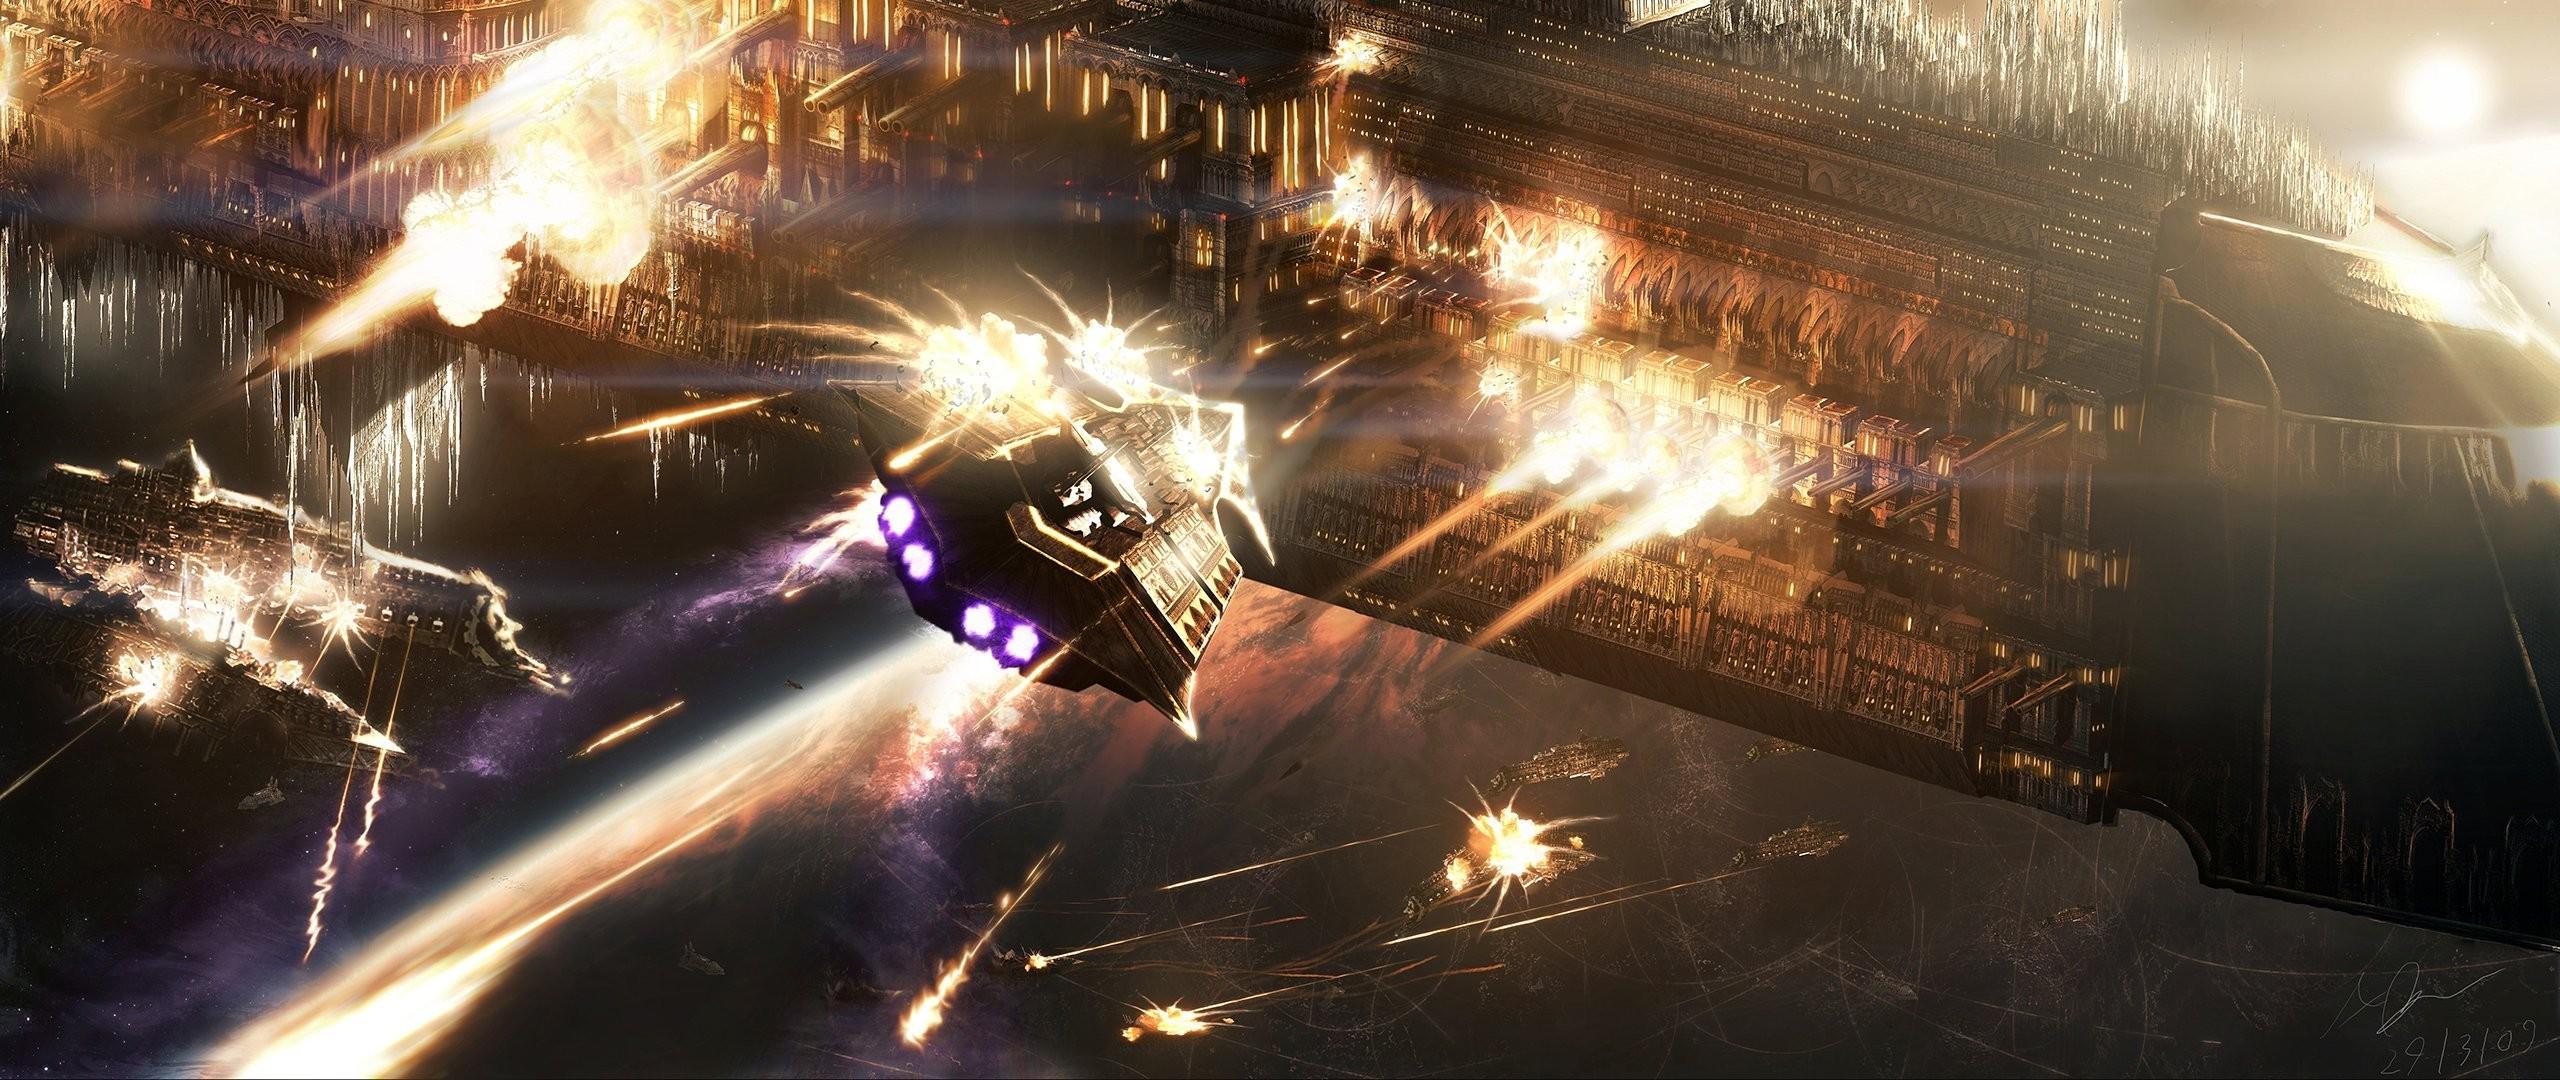 warhammer battleship space battle battle ships planet navy